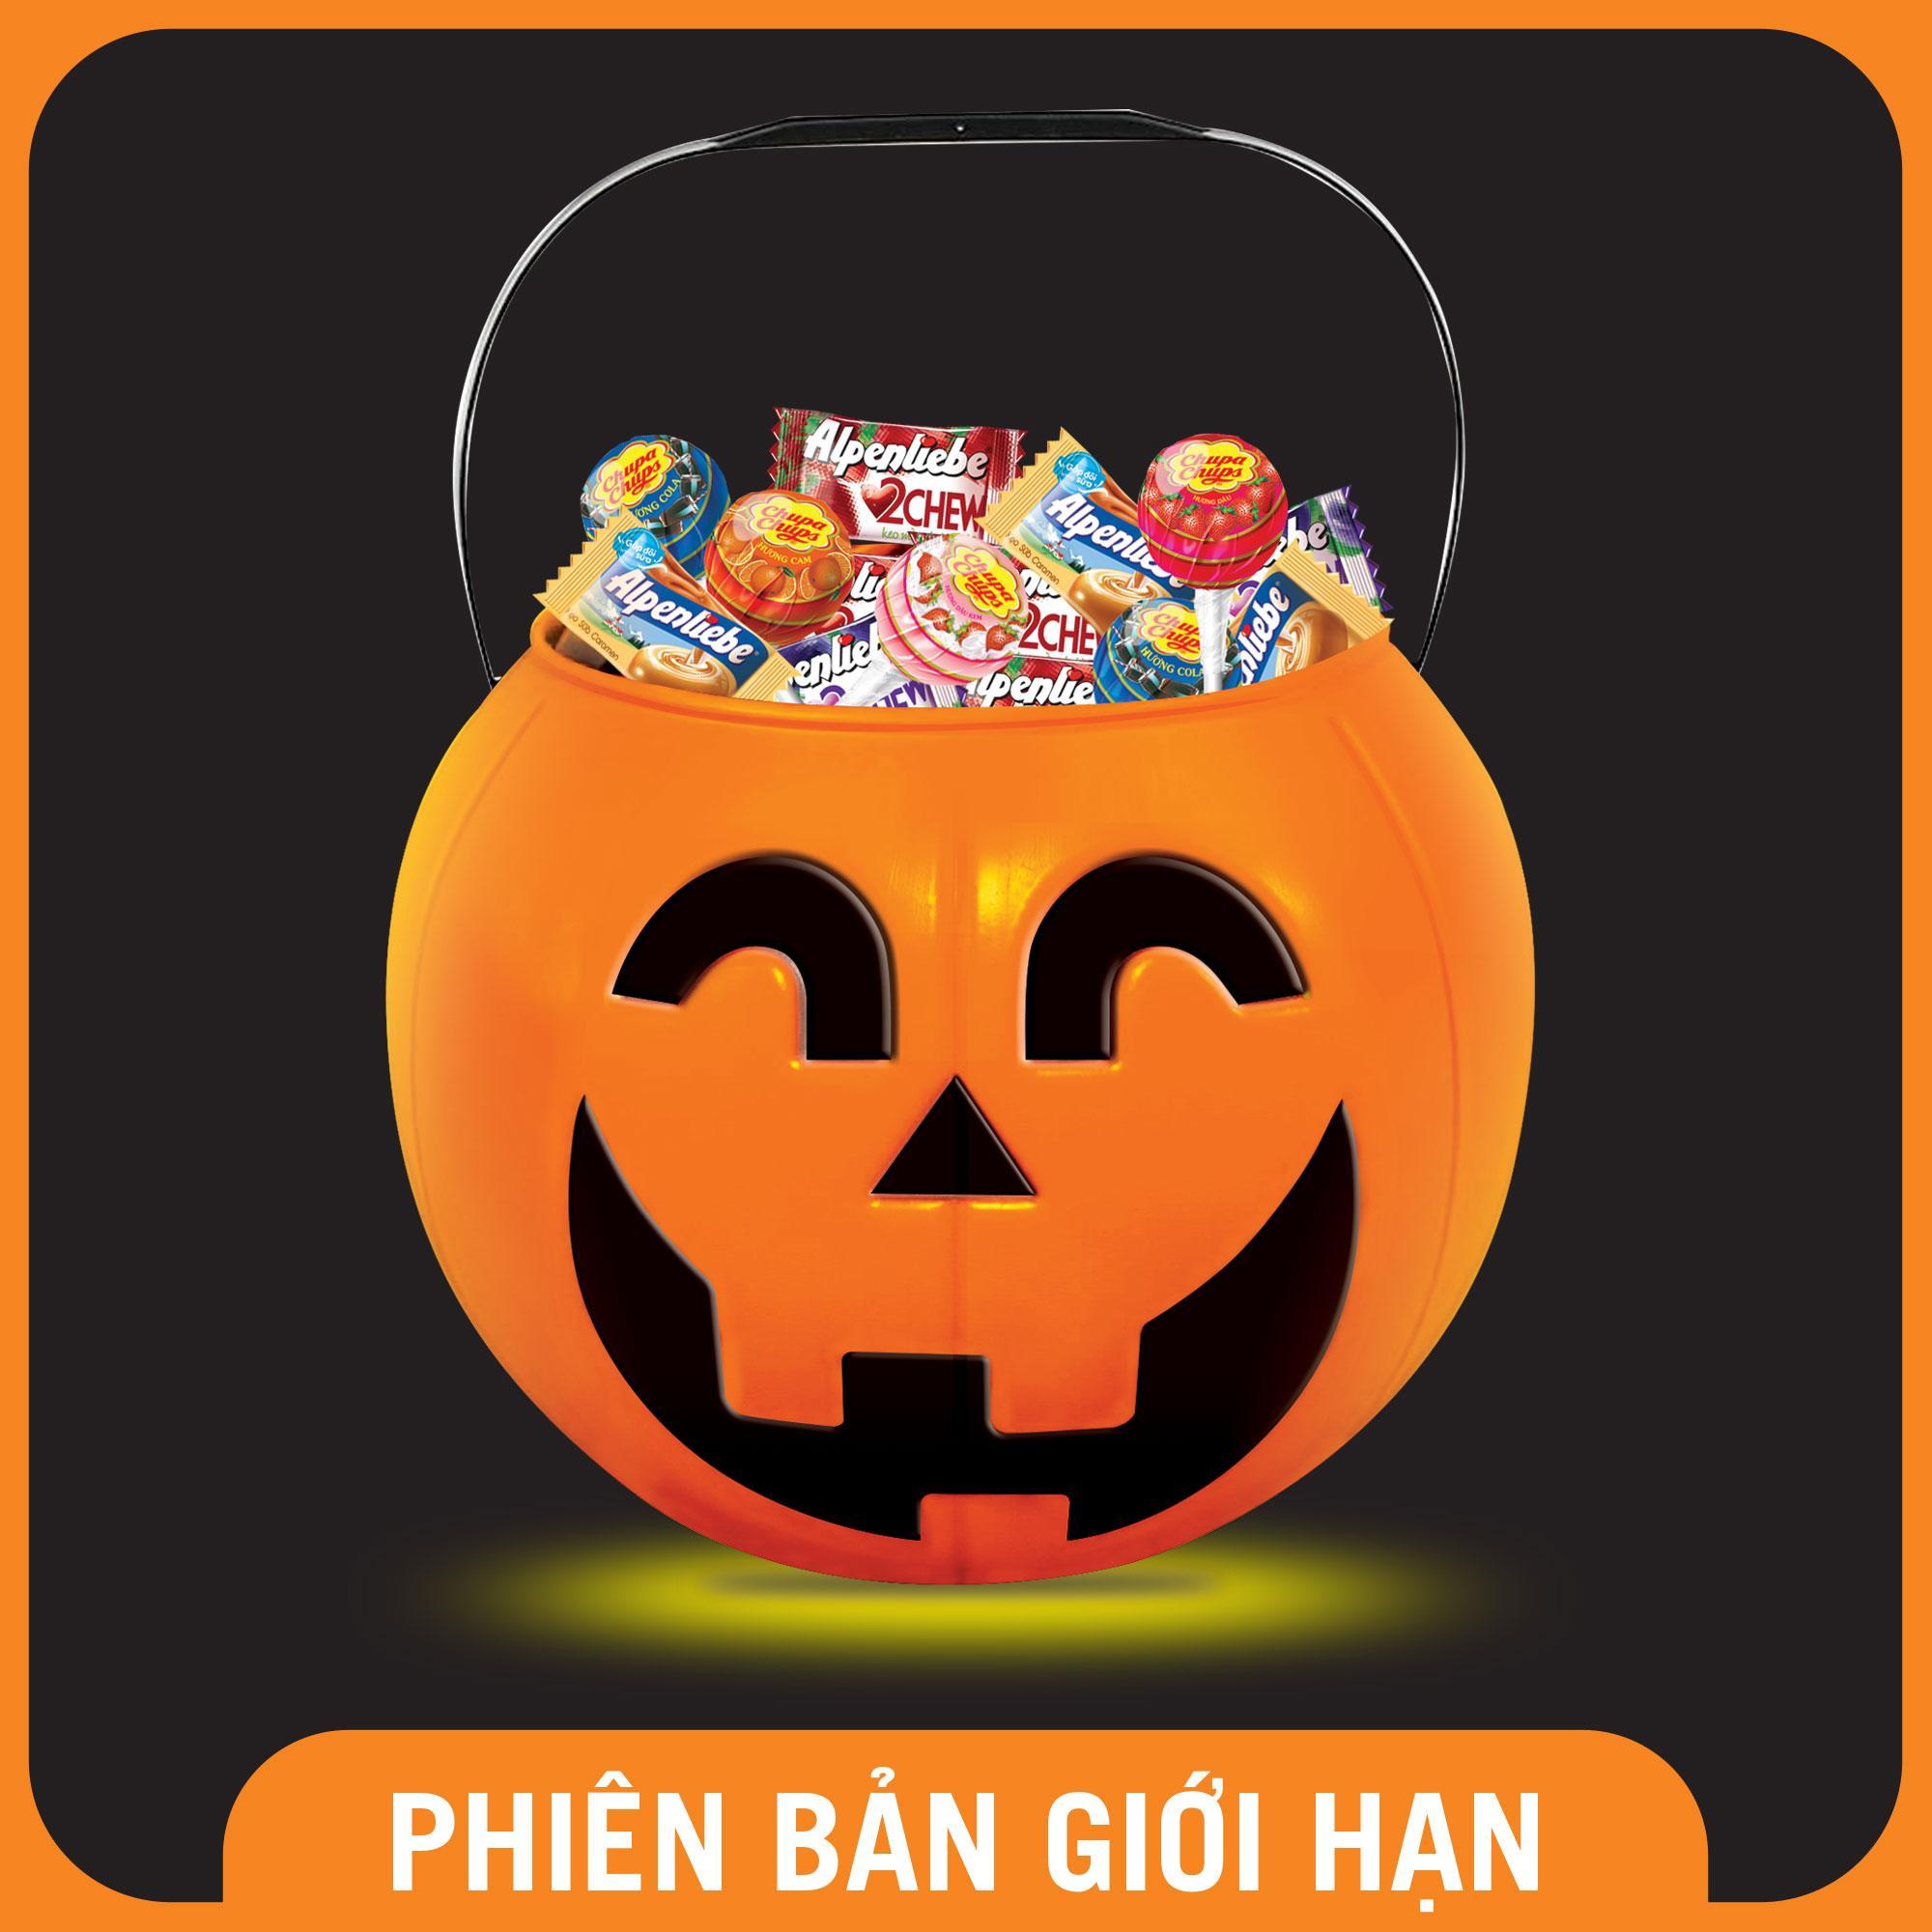 Kẹo Chupa Chups Alpenliebe Halloween Hộp Bí Ngô Nhật Bản